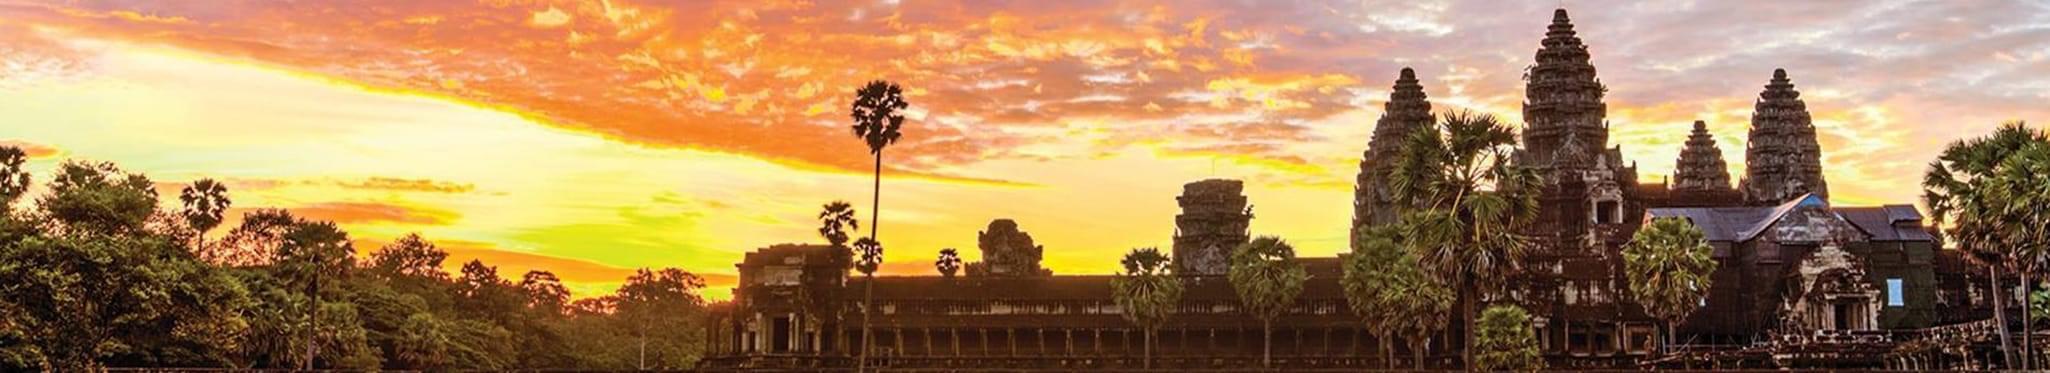 Чудо Камбоджи:<br>Сием Реап, Ангкор, Сием Реап